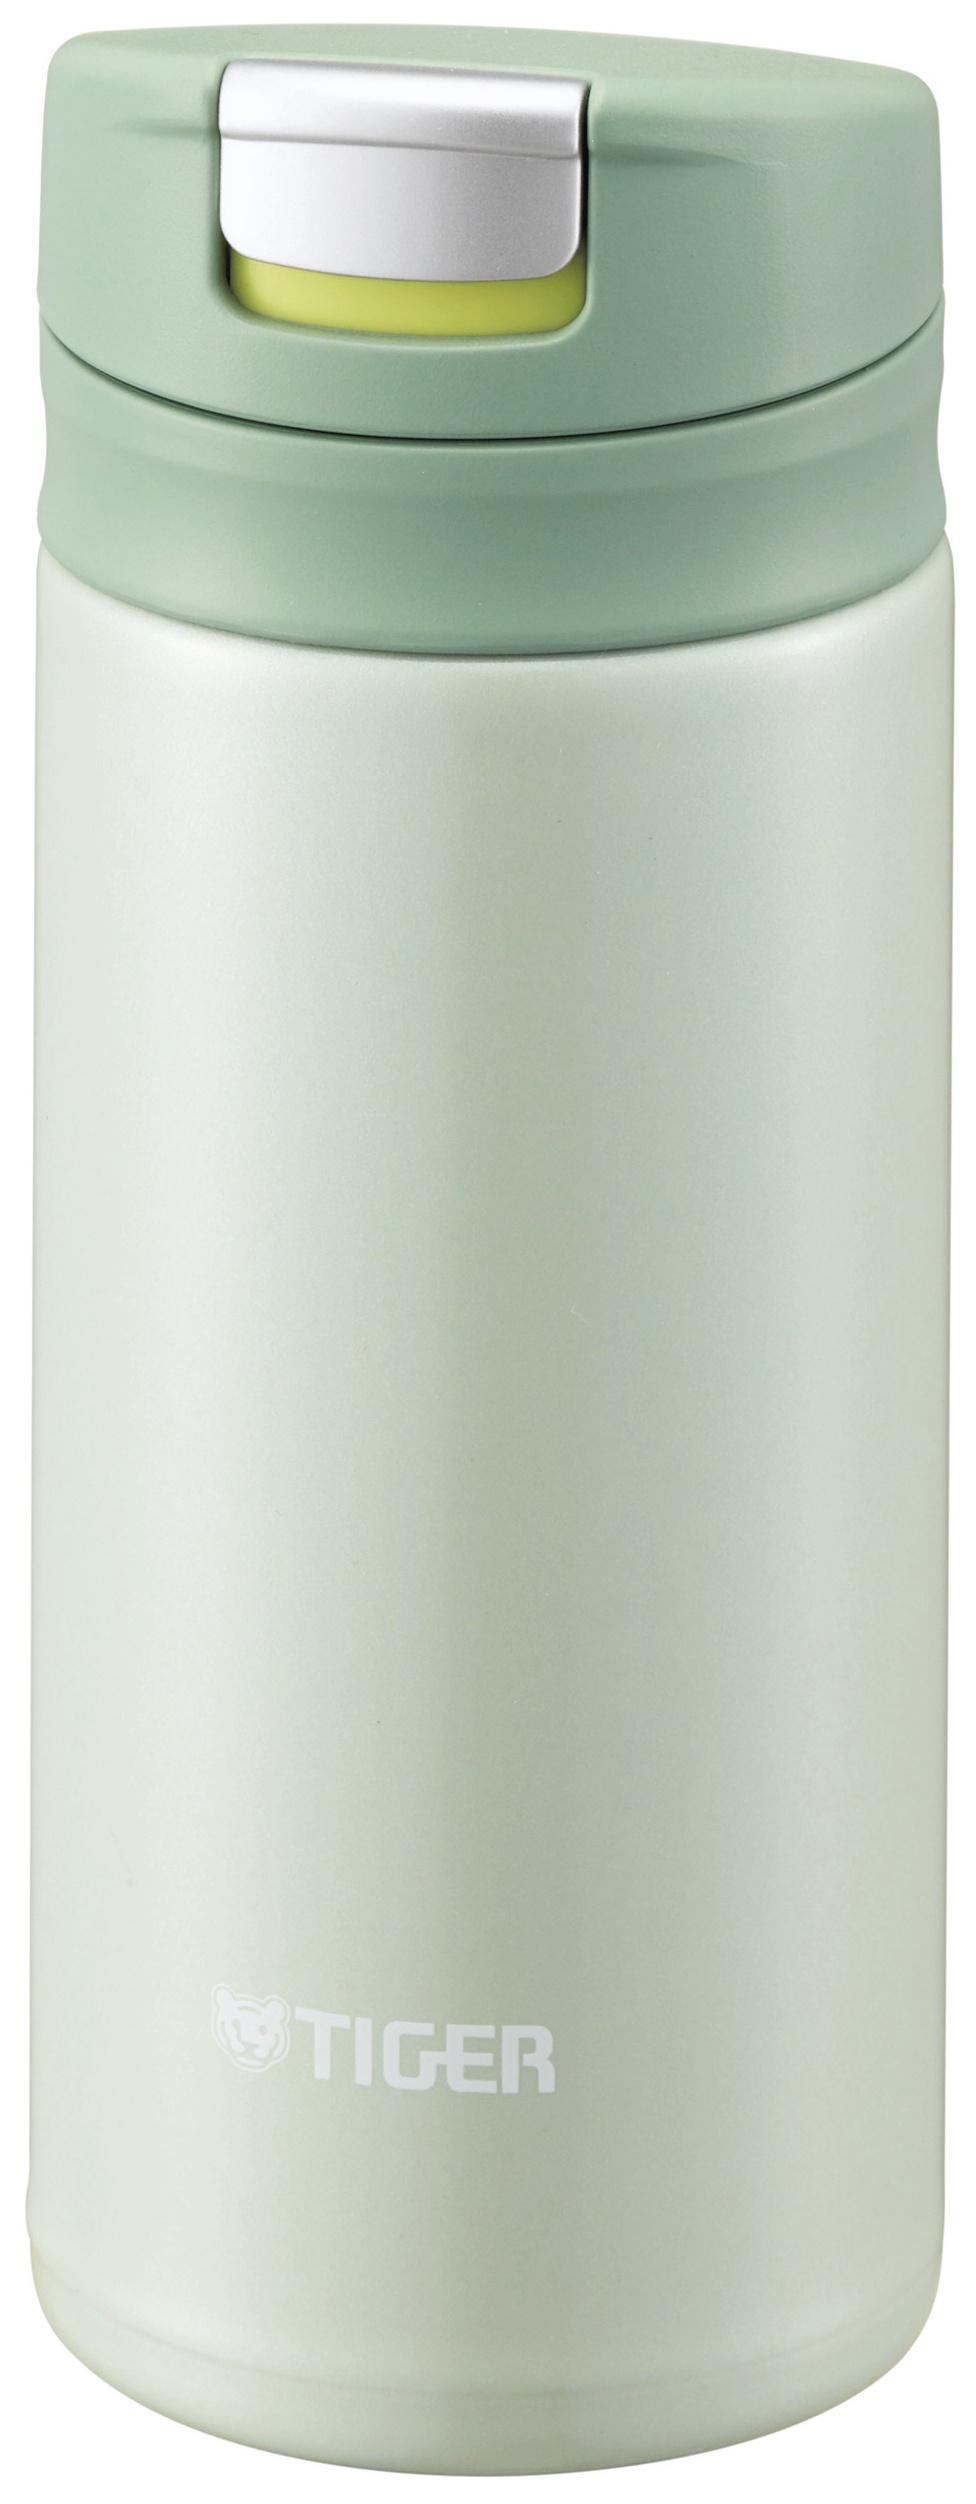 Термокружка Tiger MMX-A020 GM, мятно-зеленый, 200 мл